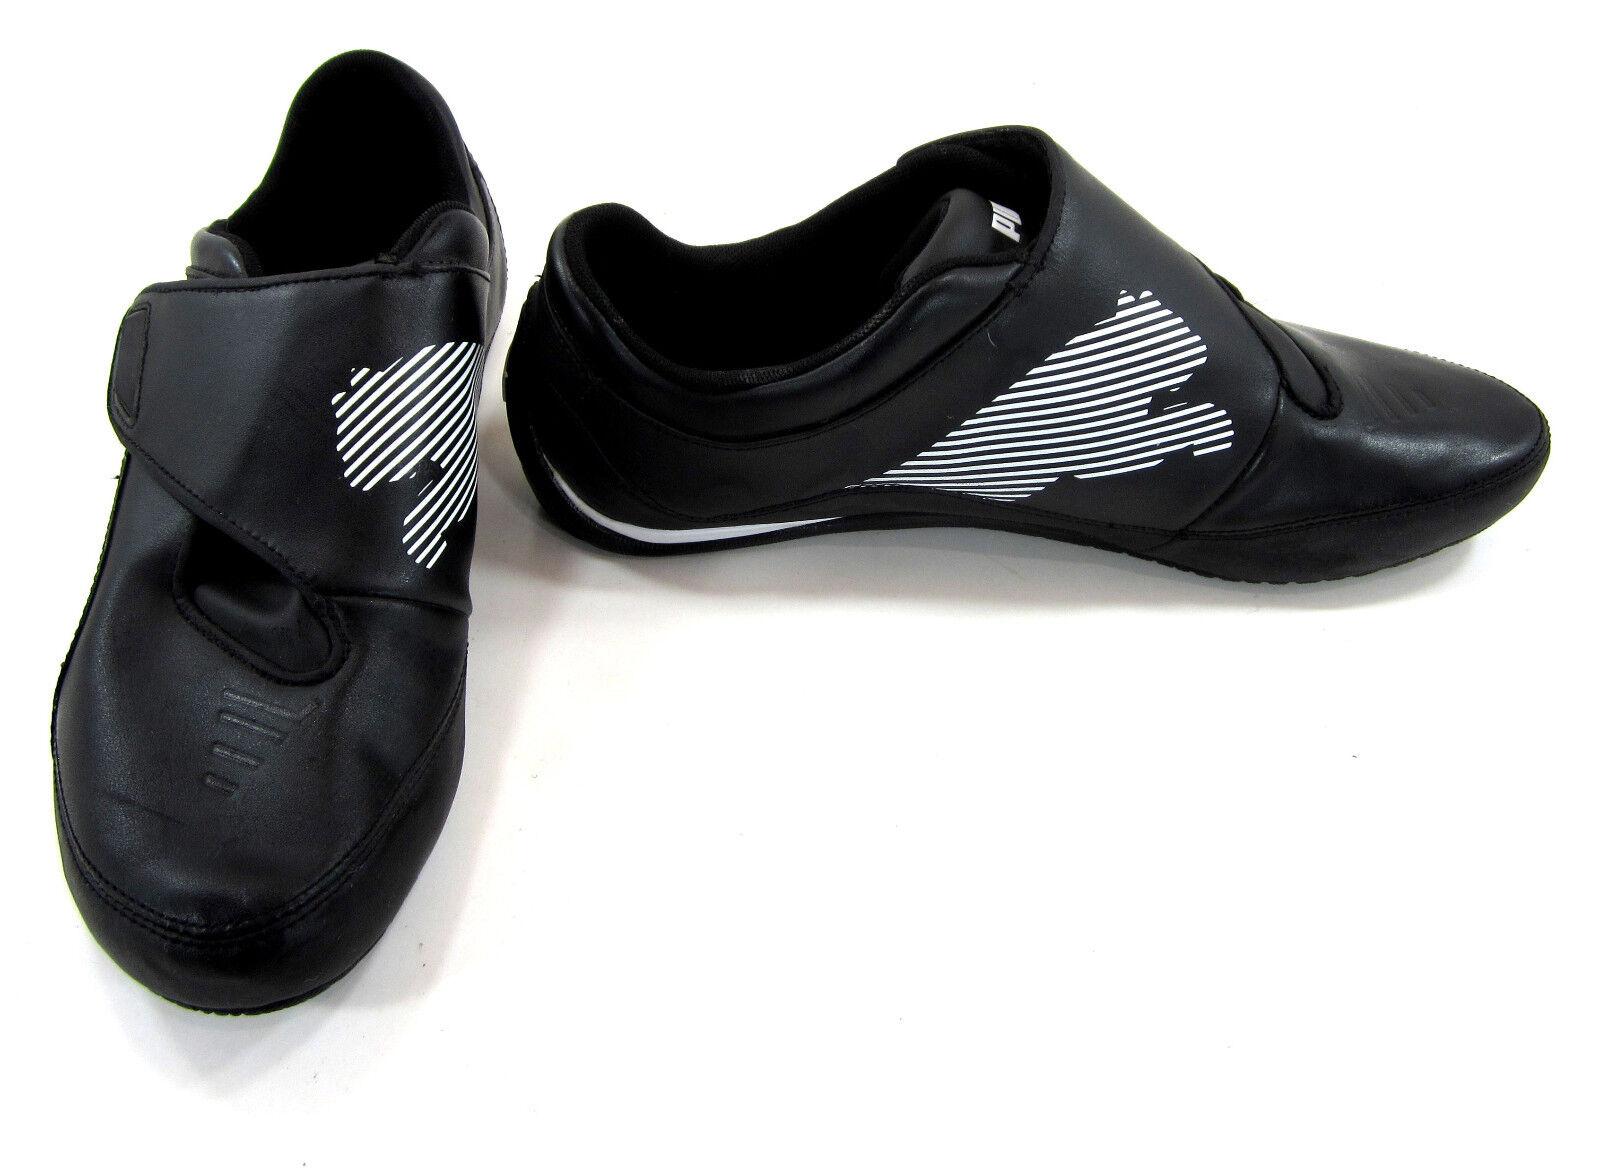 Puma scarpe Drift Cat III 3 CF Leather nero nero nero bianca scarpe da ginnastica Dimensione 9.5 79f193